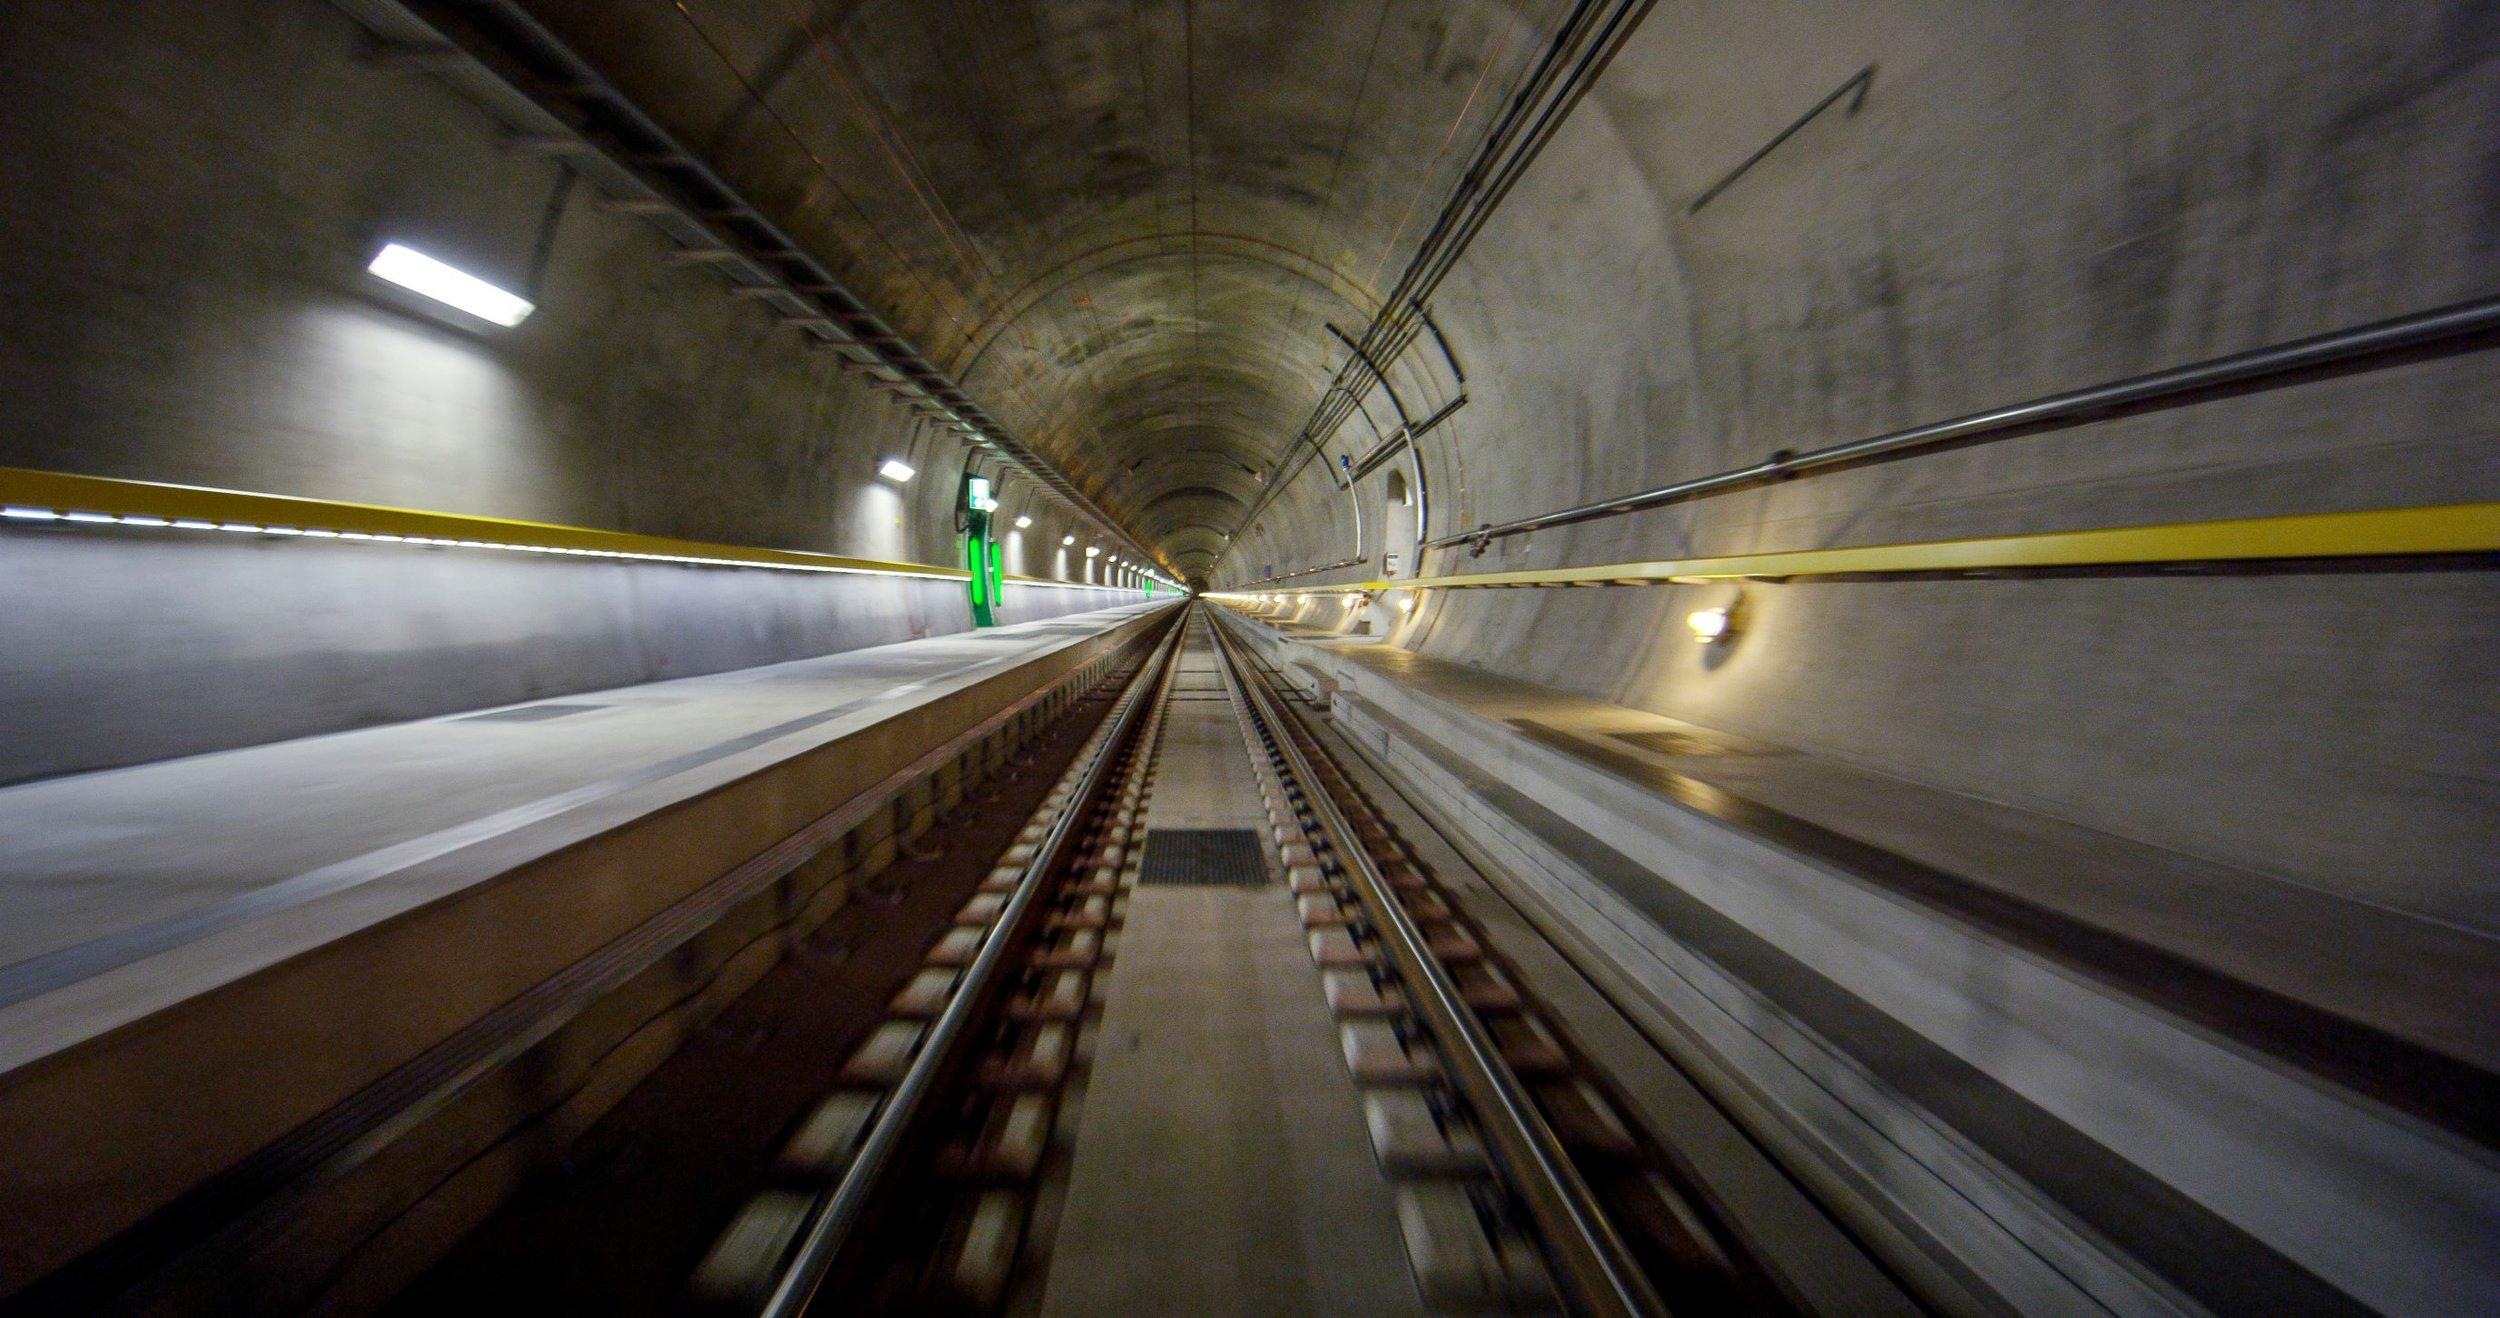 Tunnel del Gottardo. Film Still